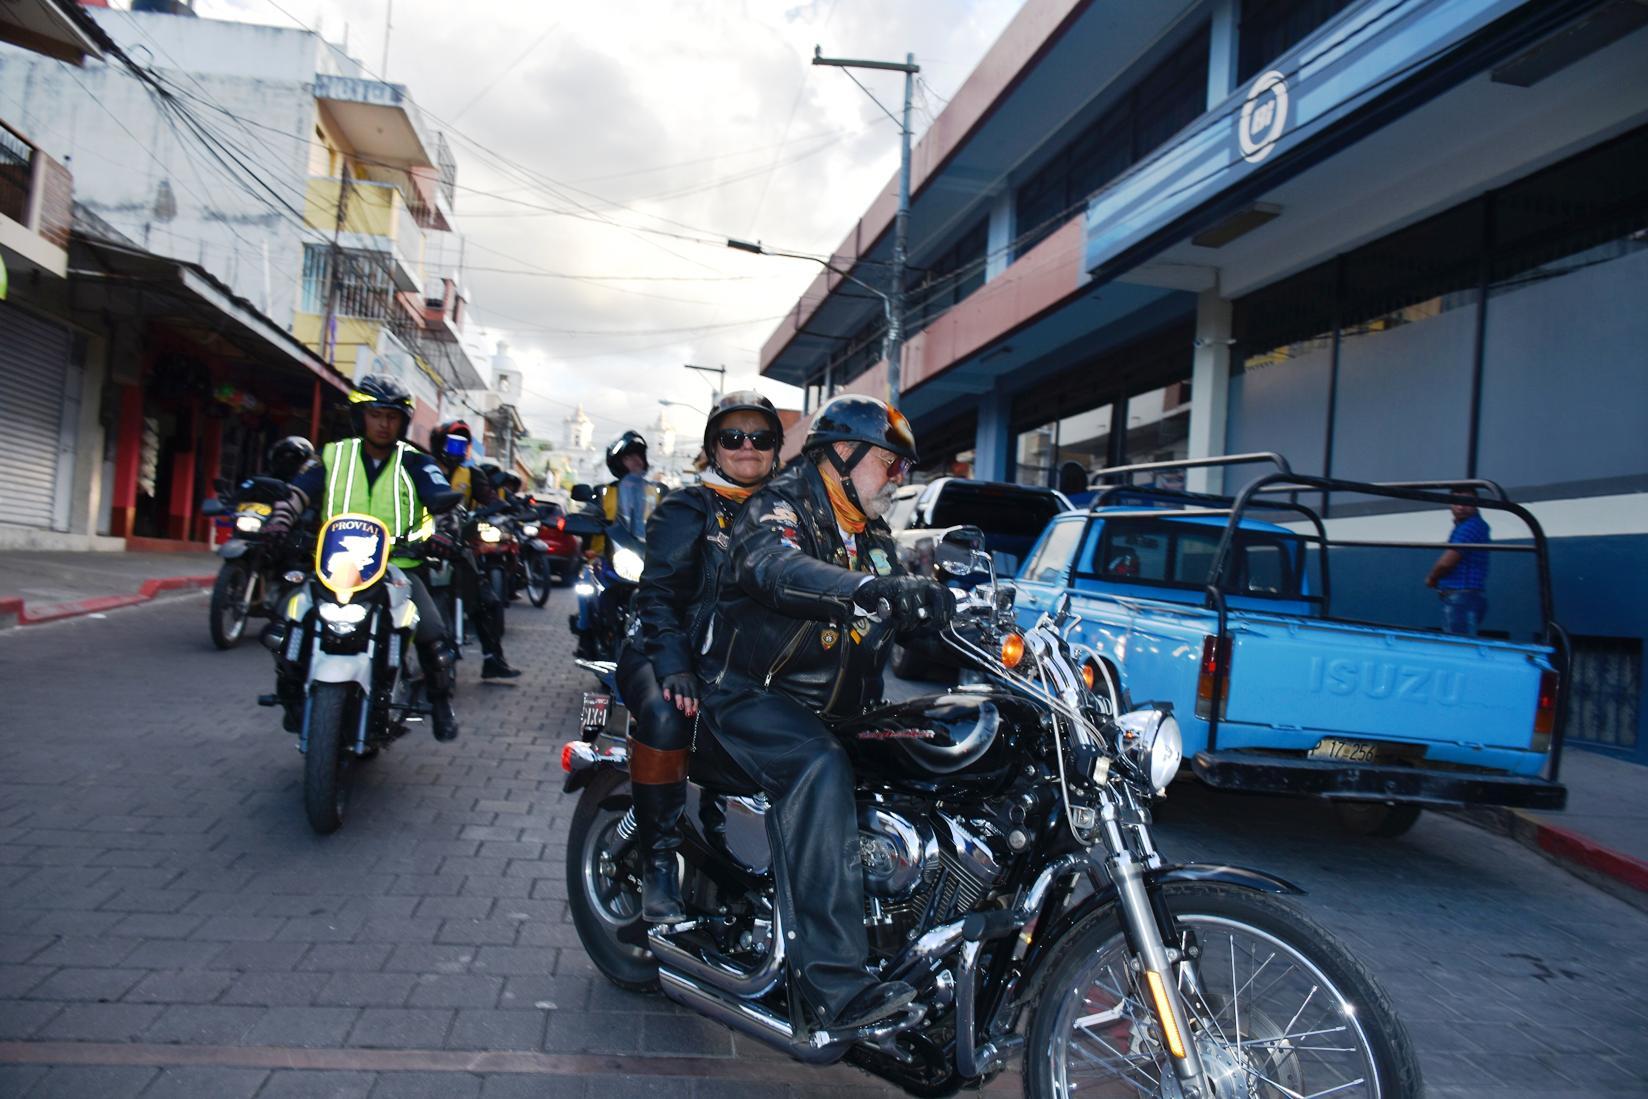 Caravana de motoristas llega a Esquipulas. (Foto Prensa LIbre: Mario Morales)